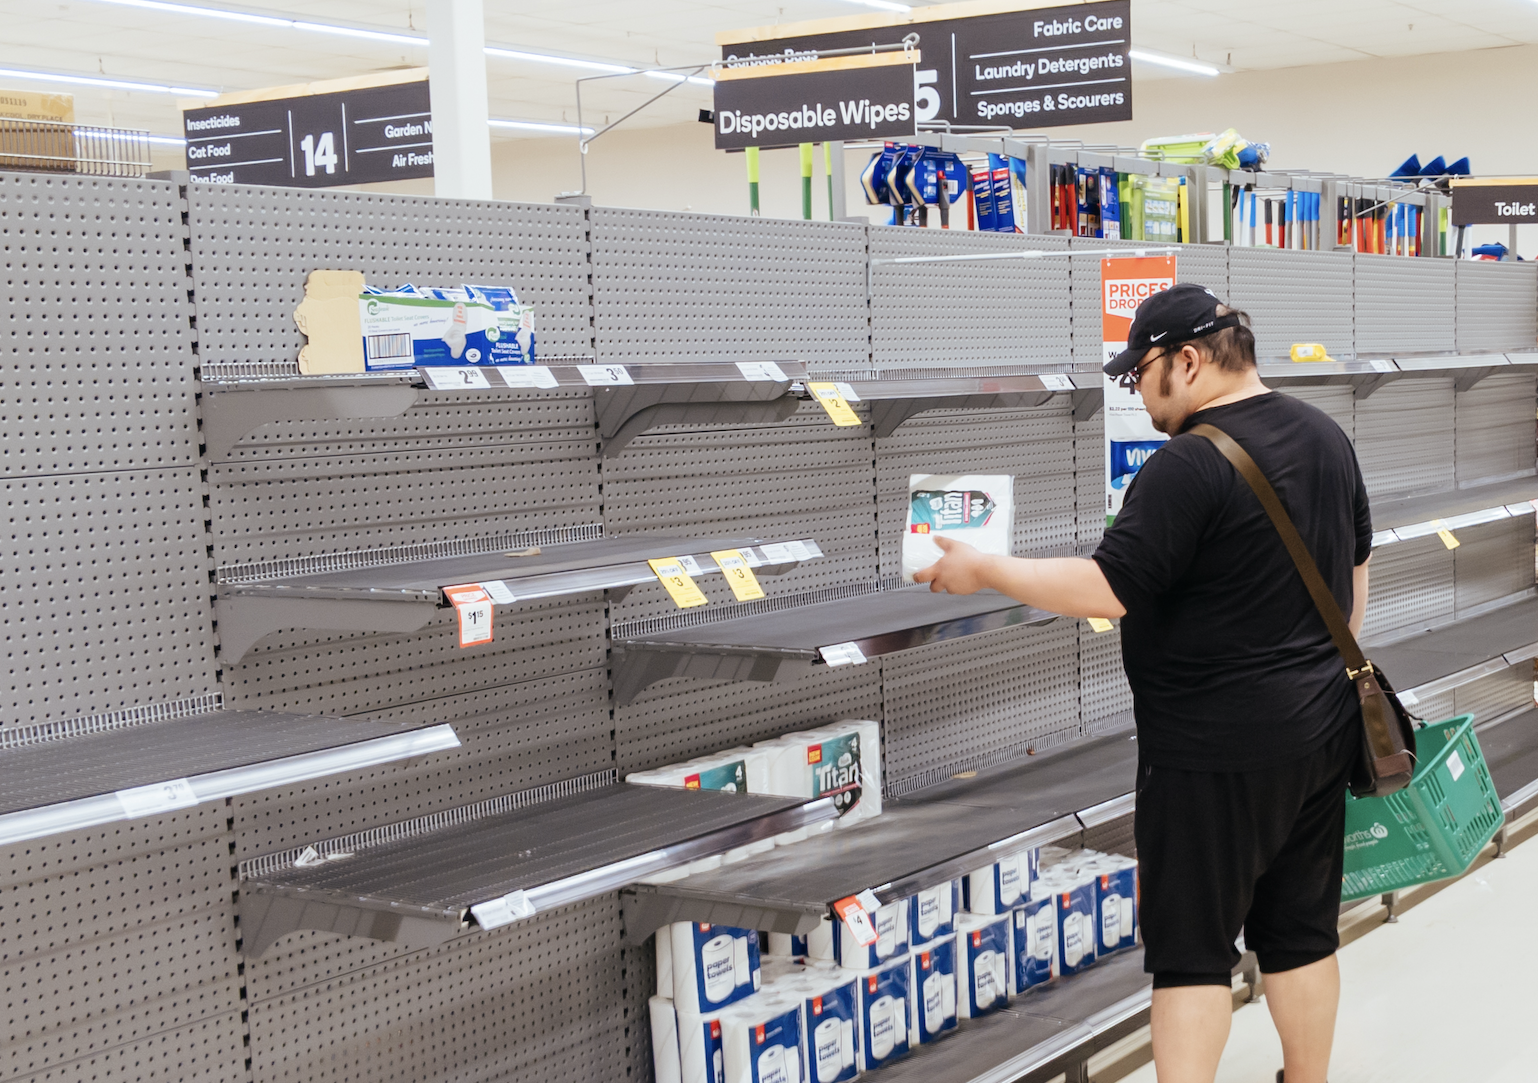 Estudio revela qué personas compraron todo ese papel higiénico durante la pandemia